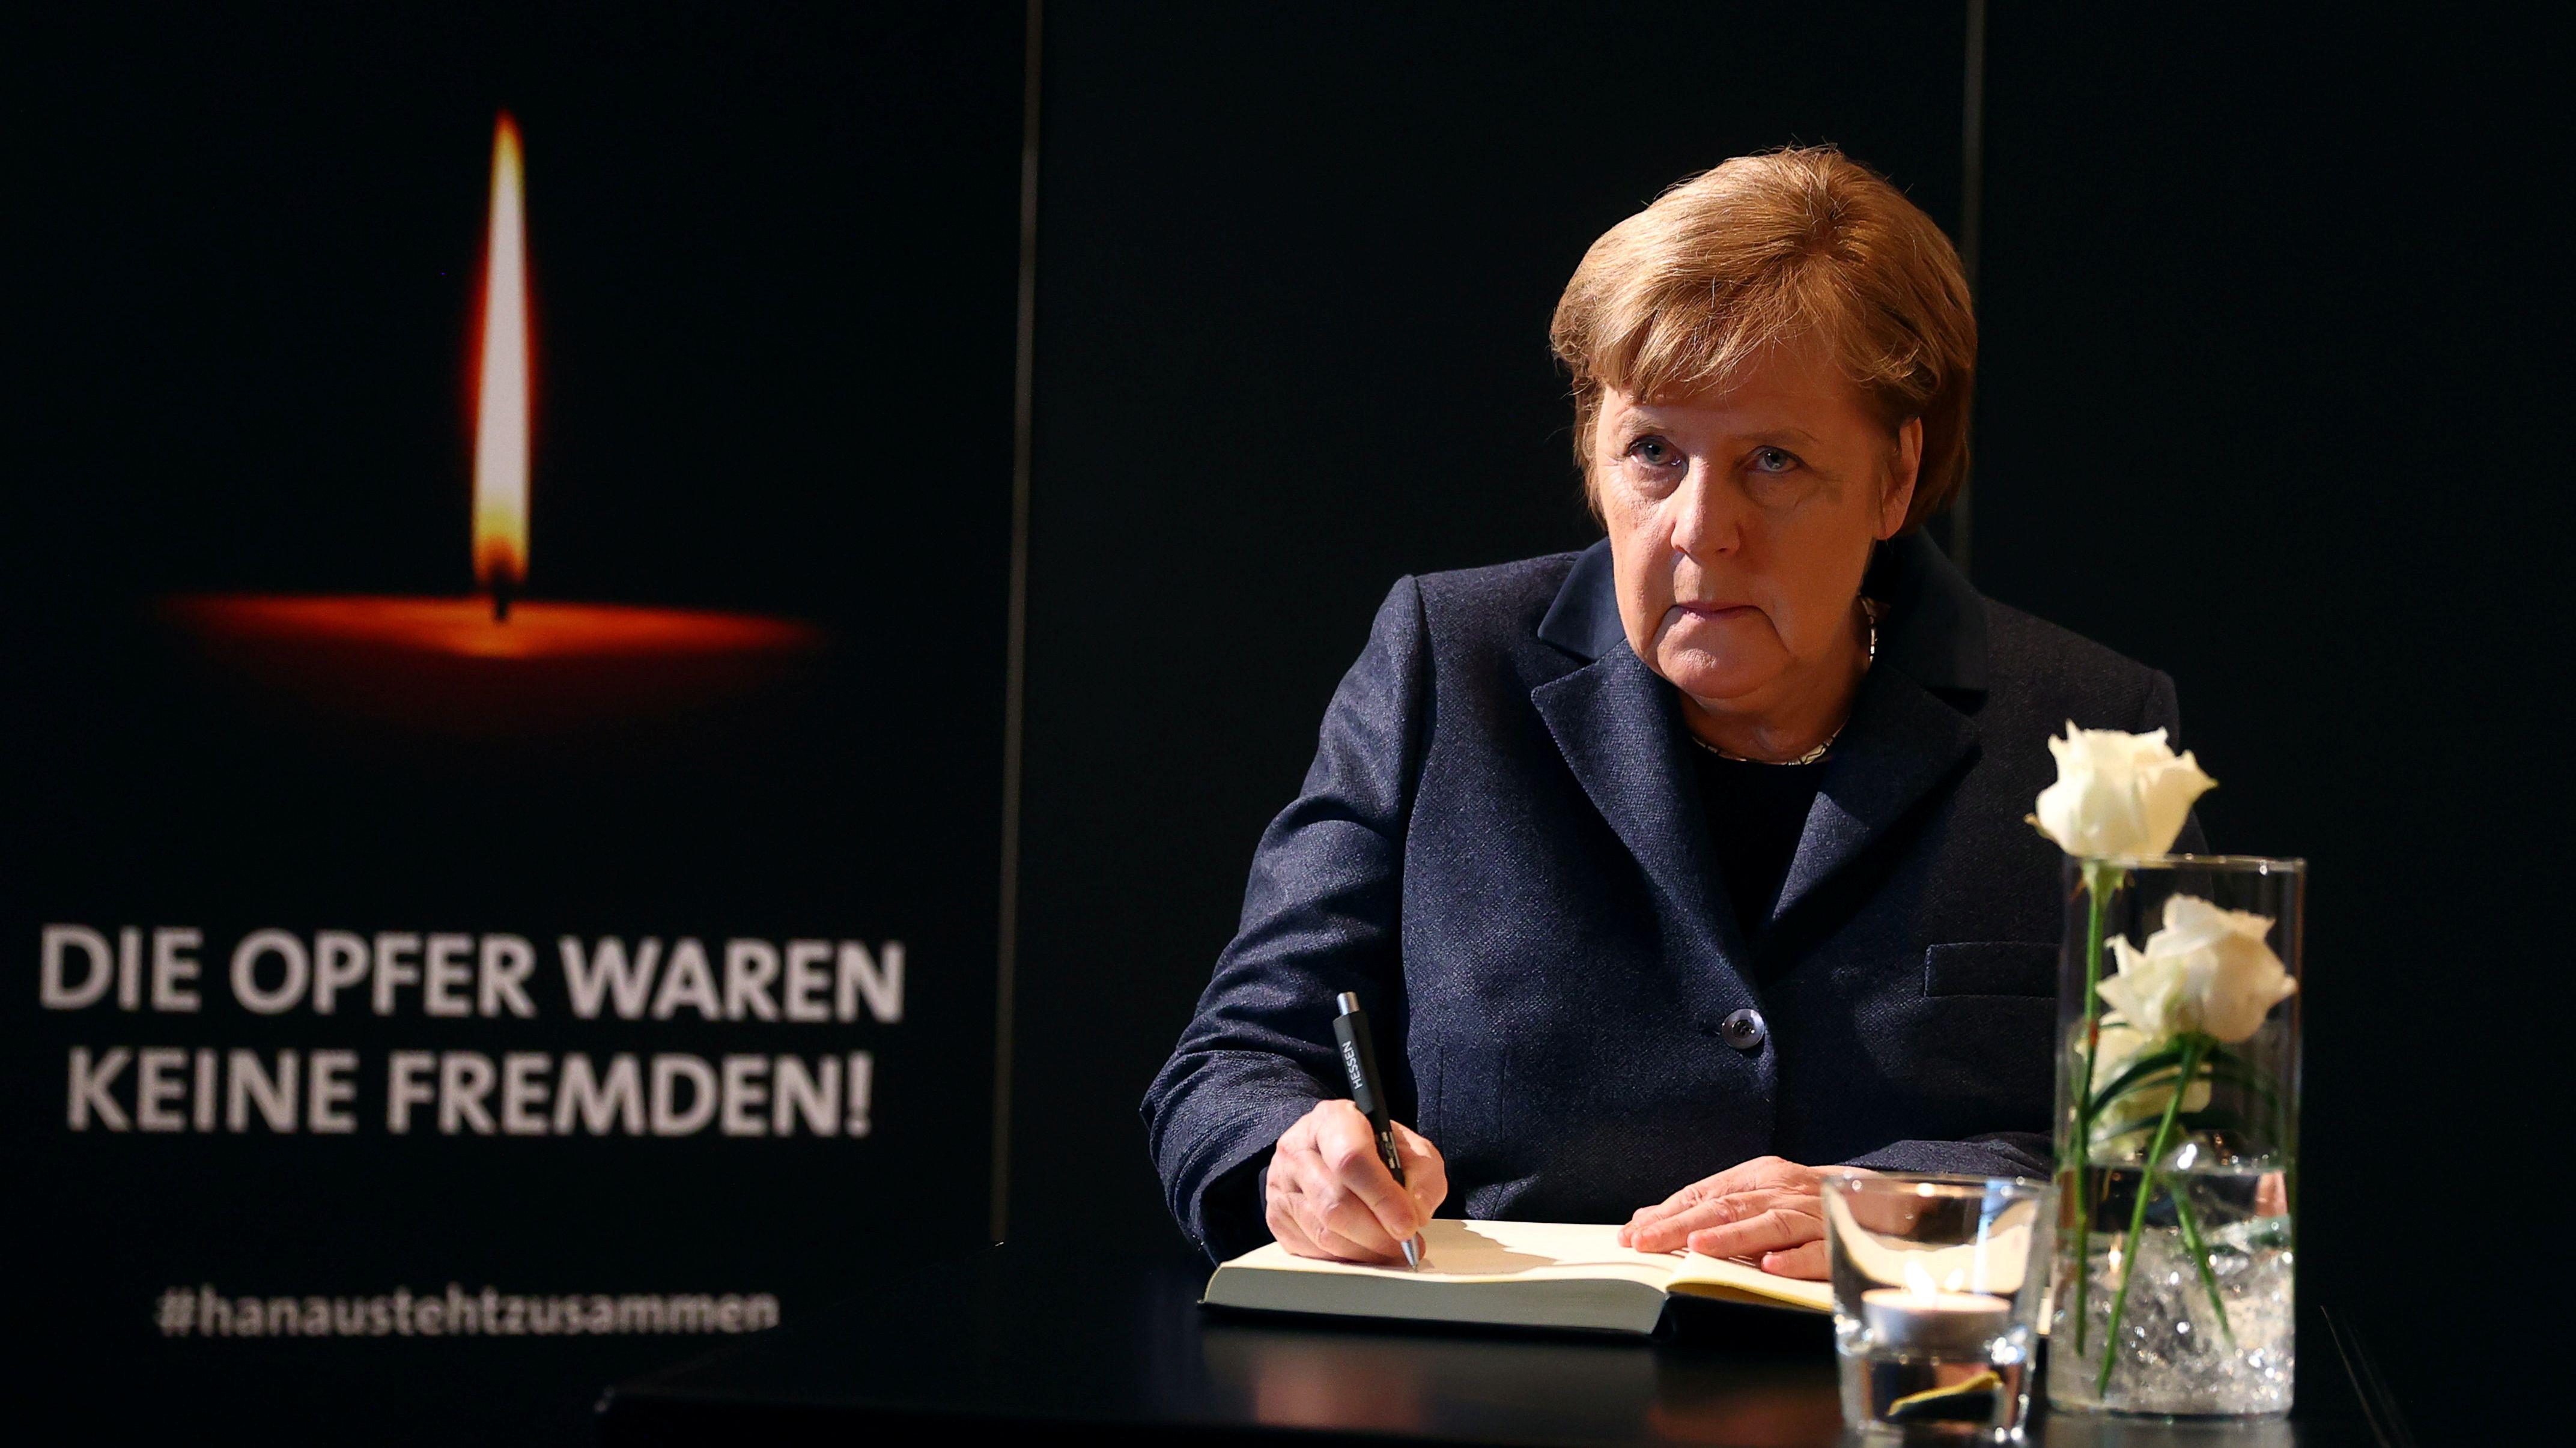 Bundeskanzlerin Angela Merkel (CDU) unterschreibt das Kondolenzbuch bei der Gedenkfeier für die Opfer des Anschlags von Hanau.